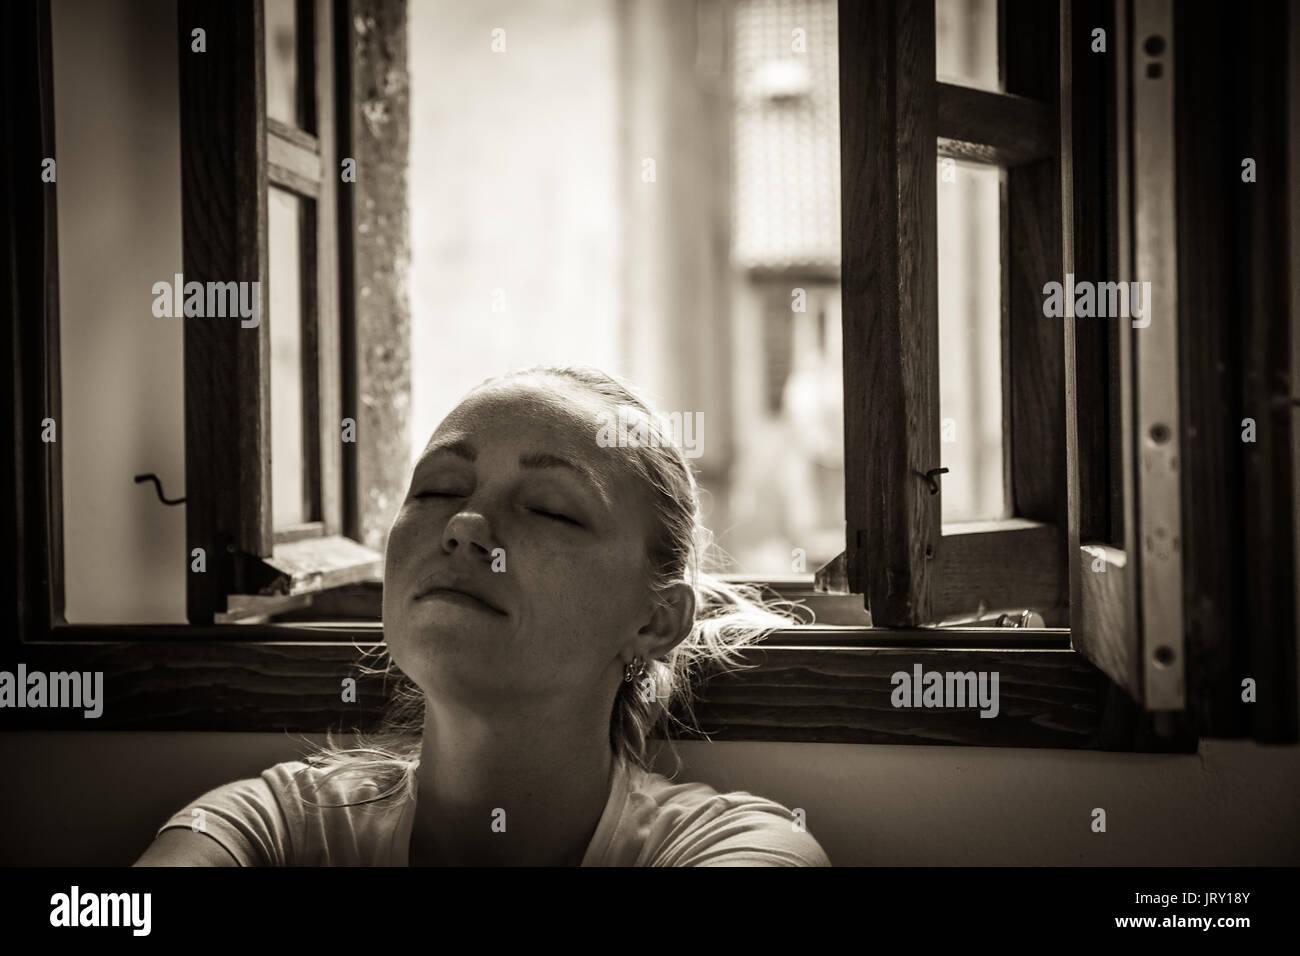 Nachdenkliche junge Frau mit geschlossenen Augen in Gedanken entspannen und träumen in der Nähe der geöffneten Fenster in Schwarz und Weiß im traditionellen Stil mit Dramati verloren Stockbild